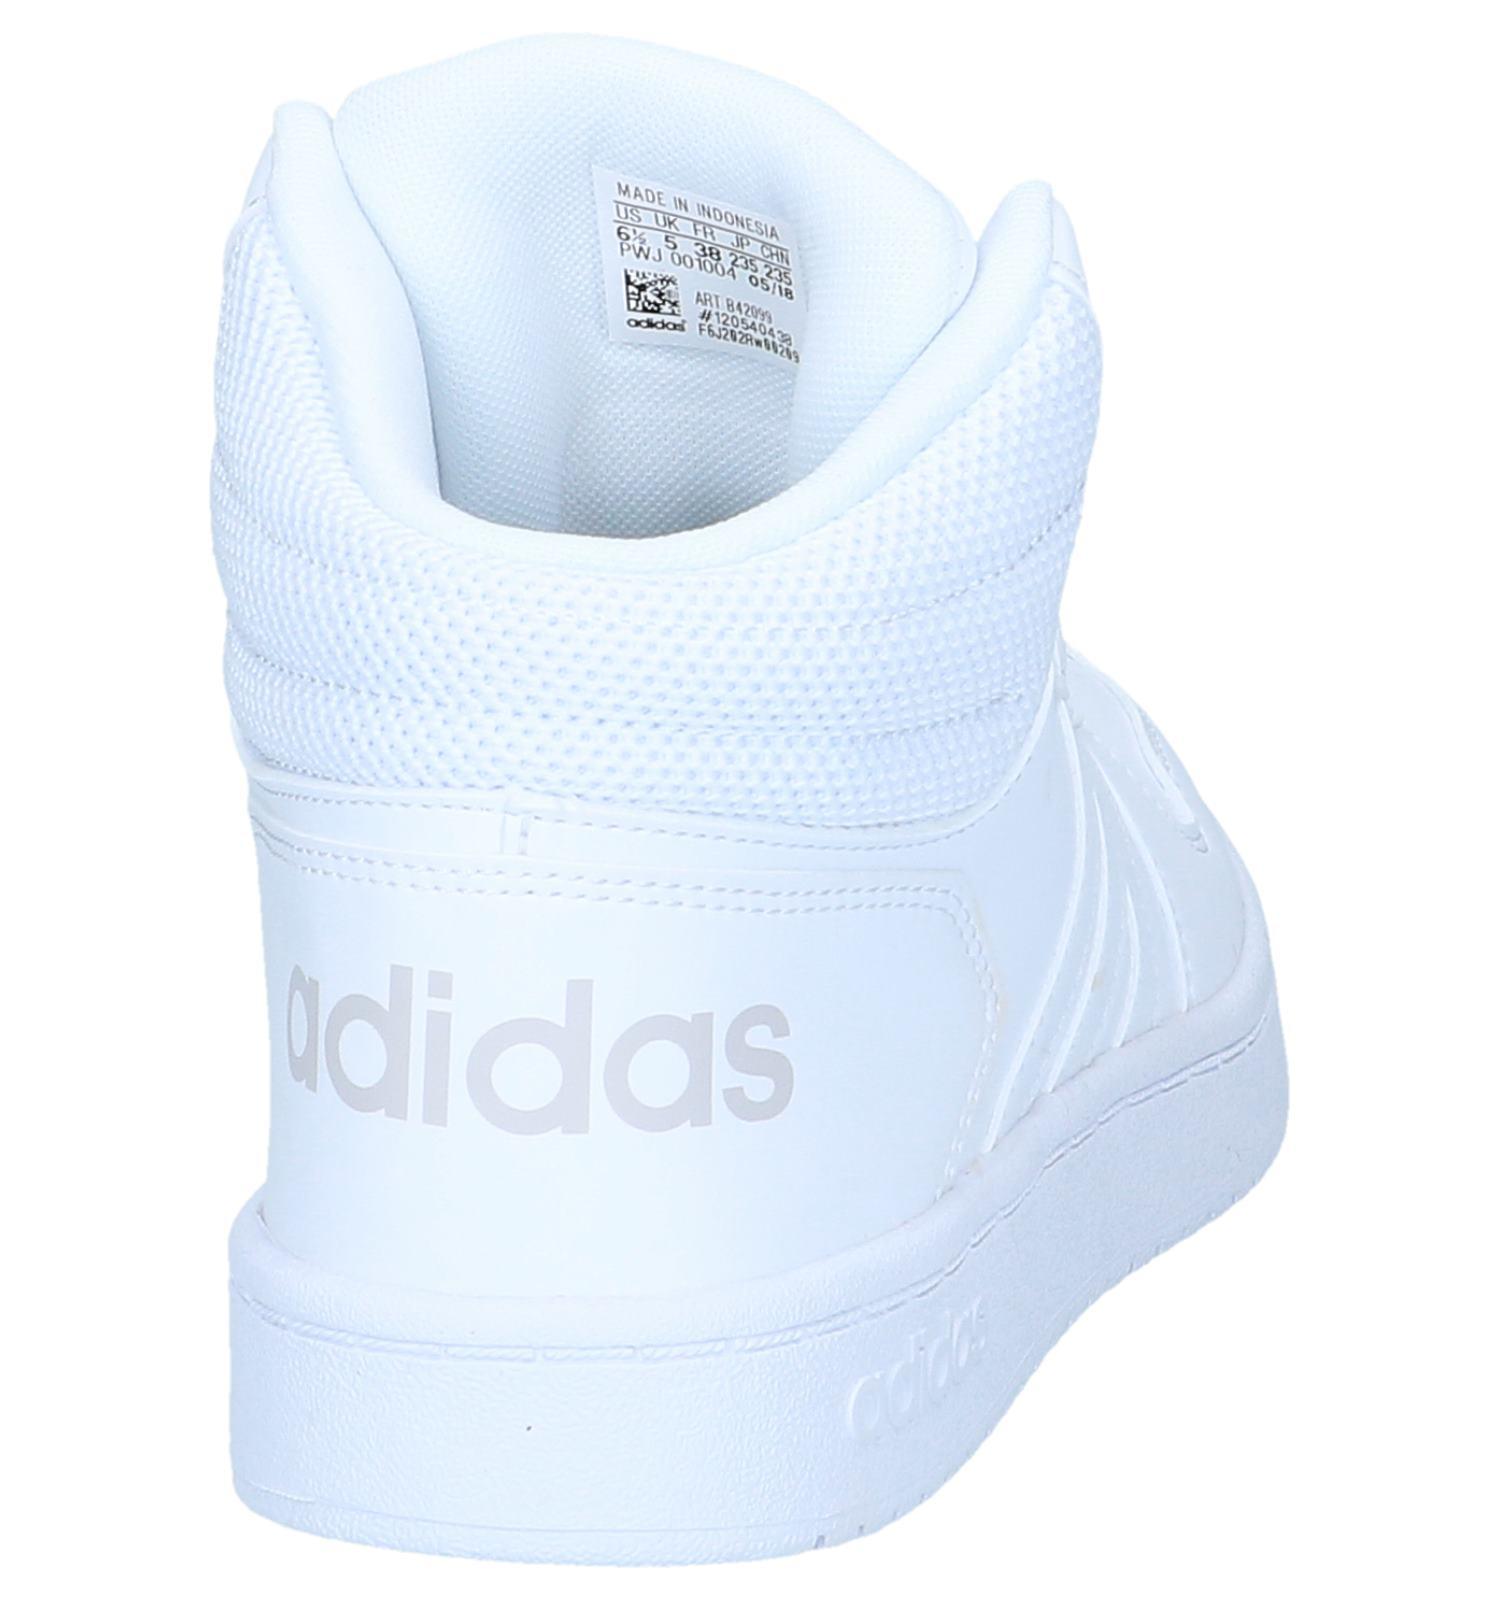 adidas Hoops 2.0 Witte Sneakers | TORFS.BE | Gratis verzend ...